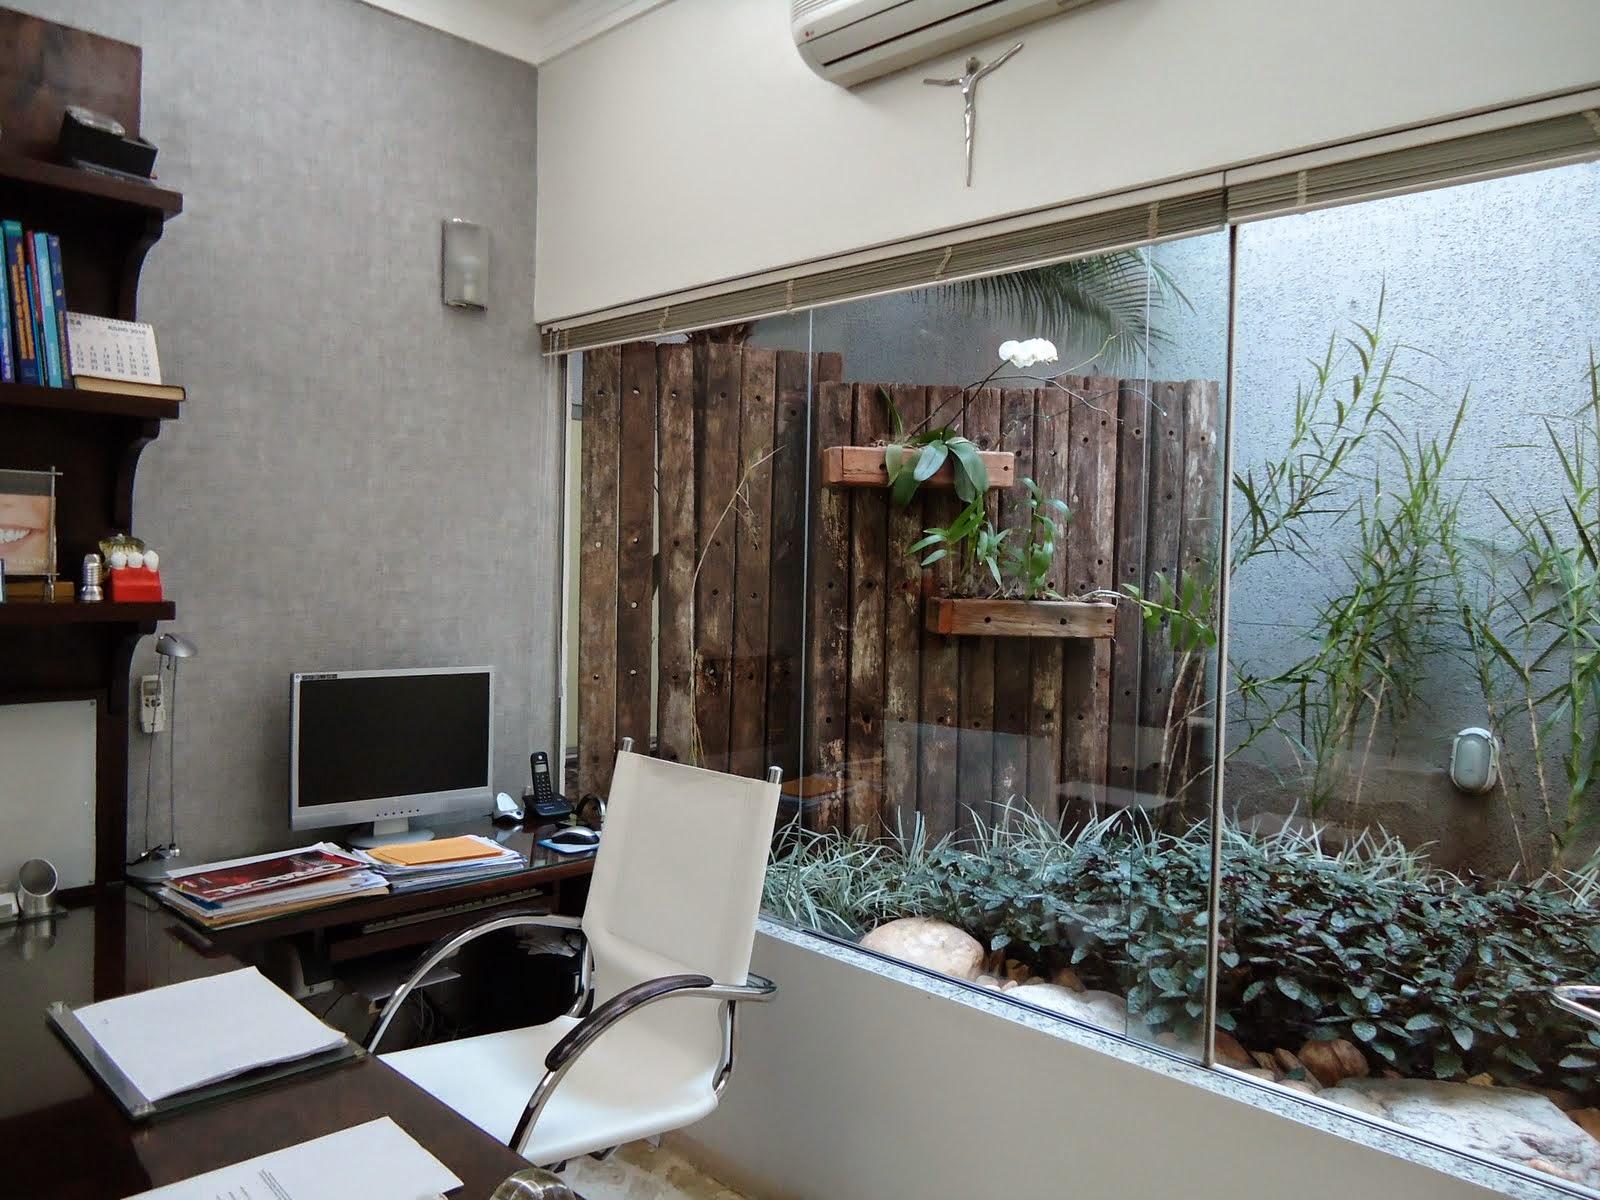 plantas para montar um jardim de inverno:Paisagismo: Dicas de como montar seu jardim de inverno – Apê em